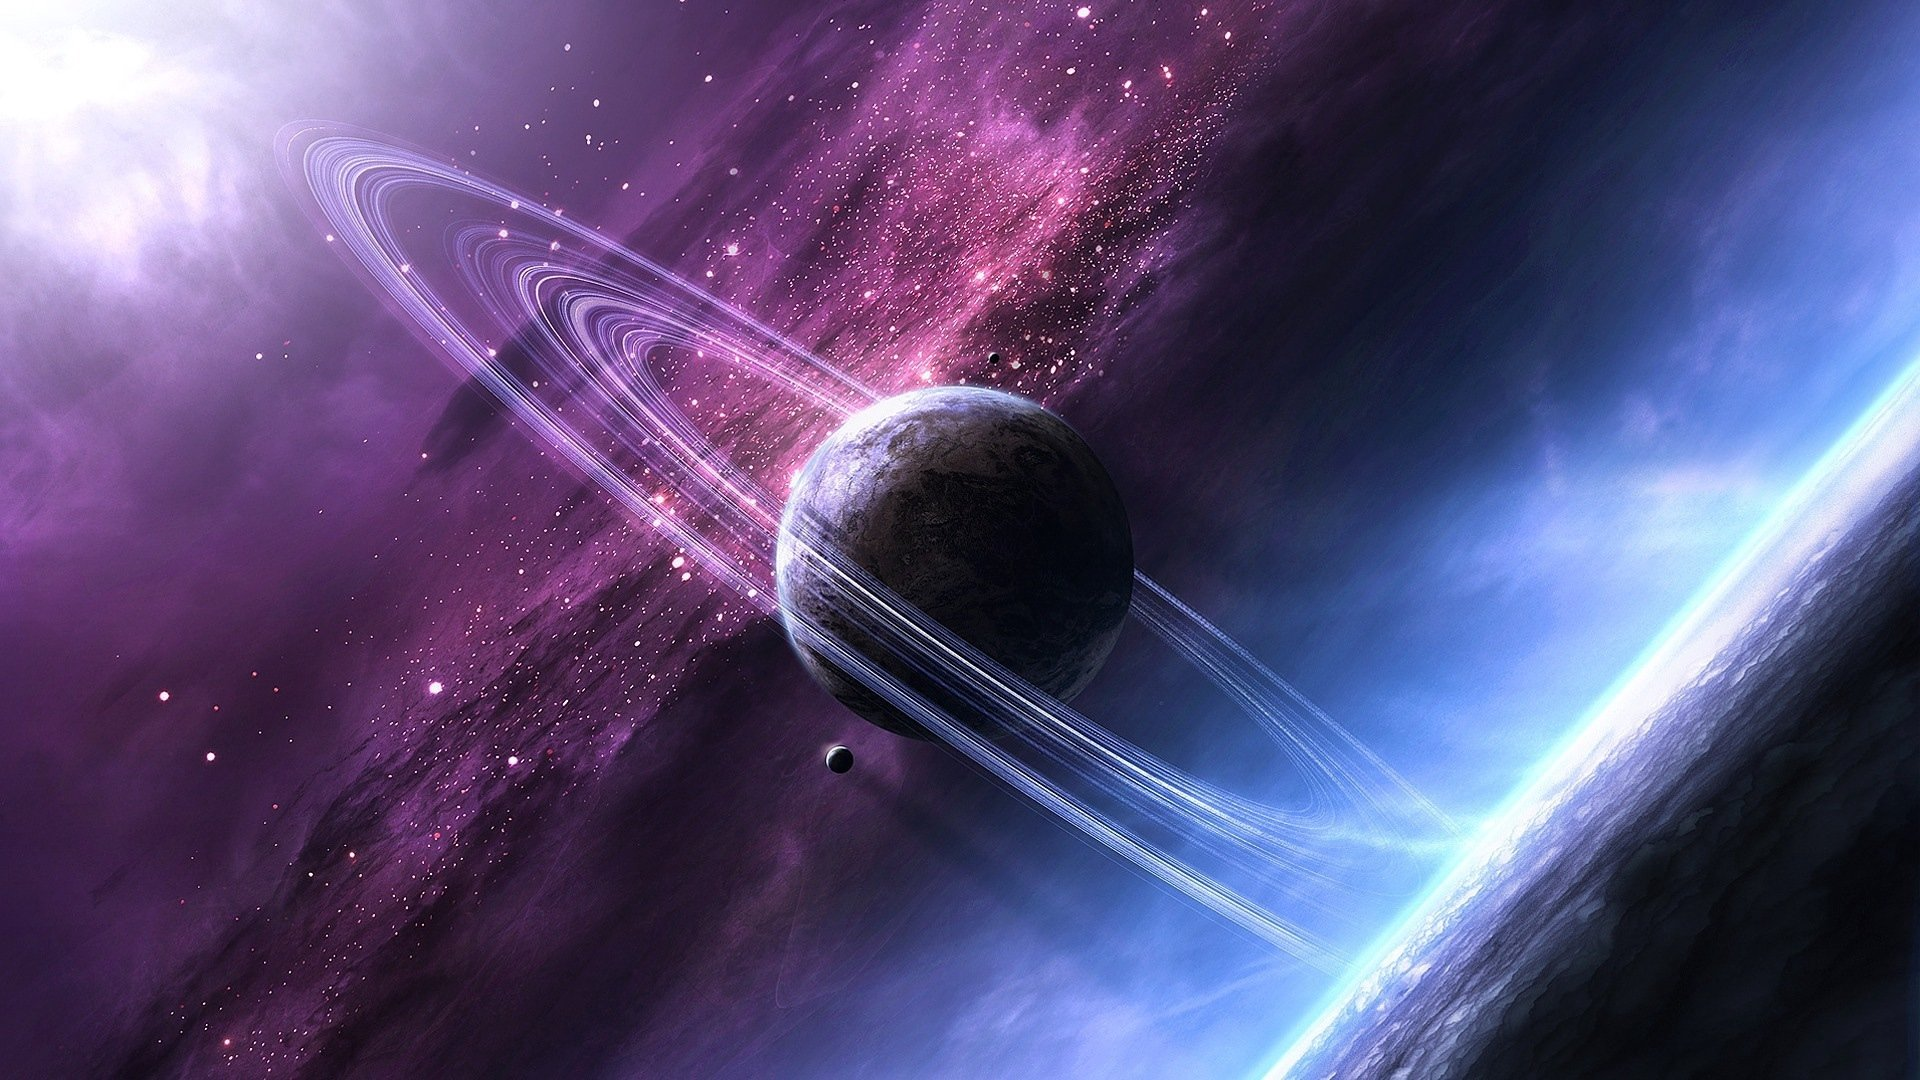 звёзды, космос, свечение, планета